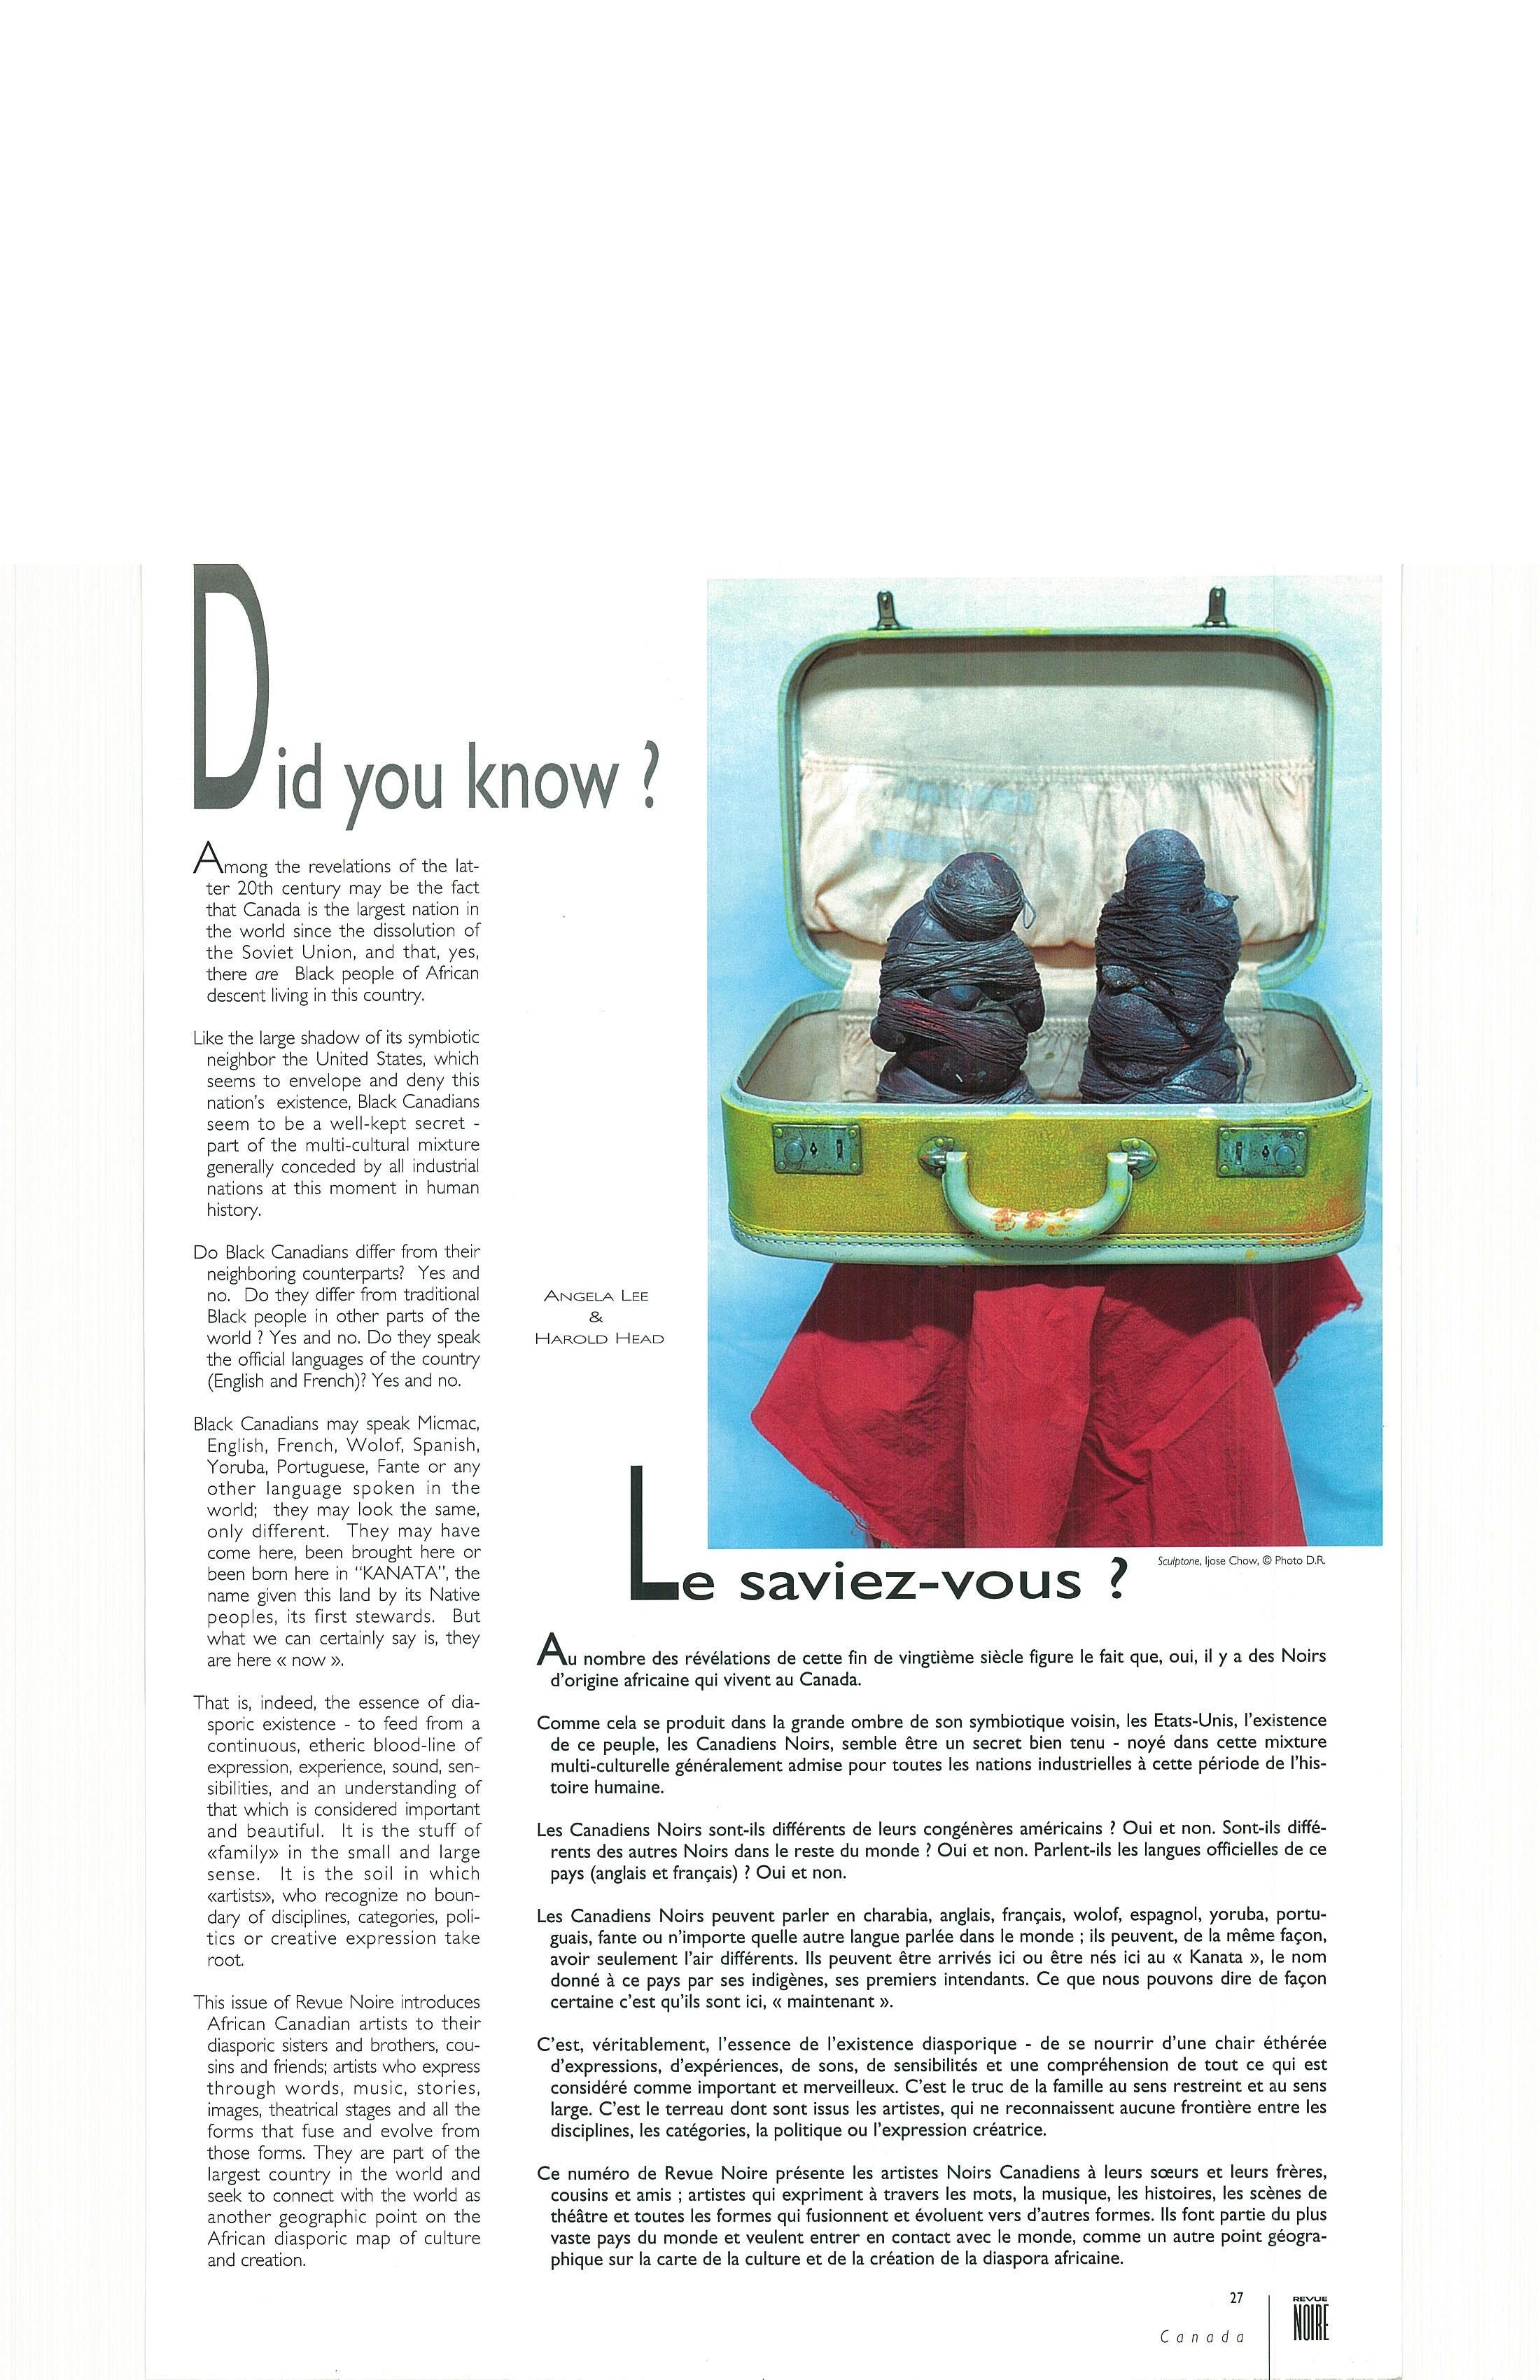 2. Revue Noire book_Page_029